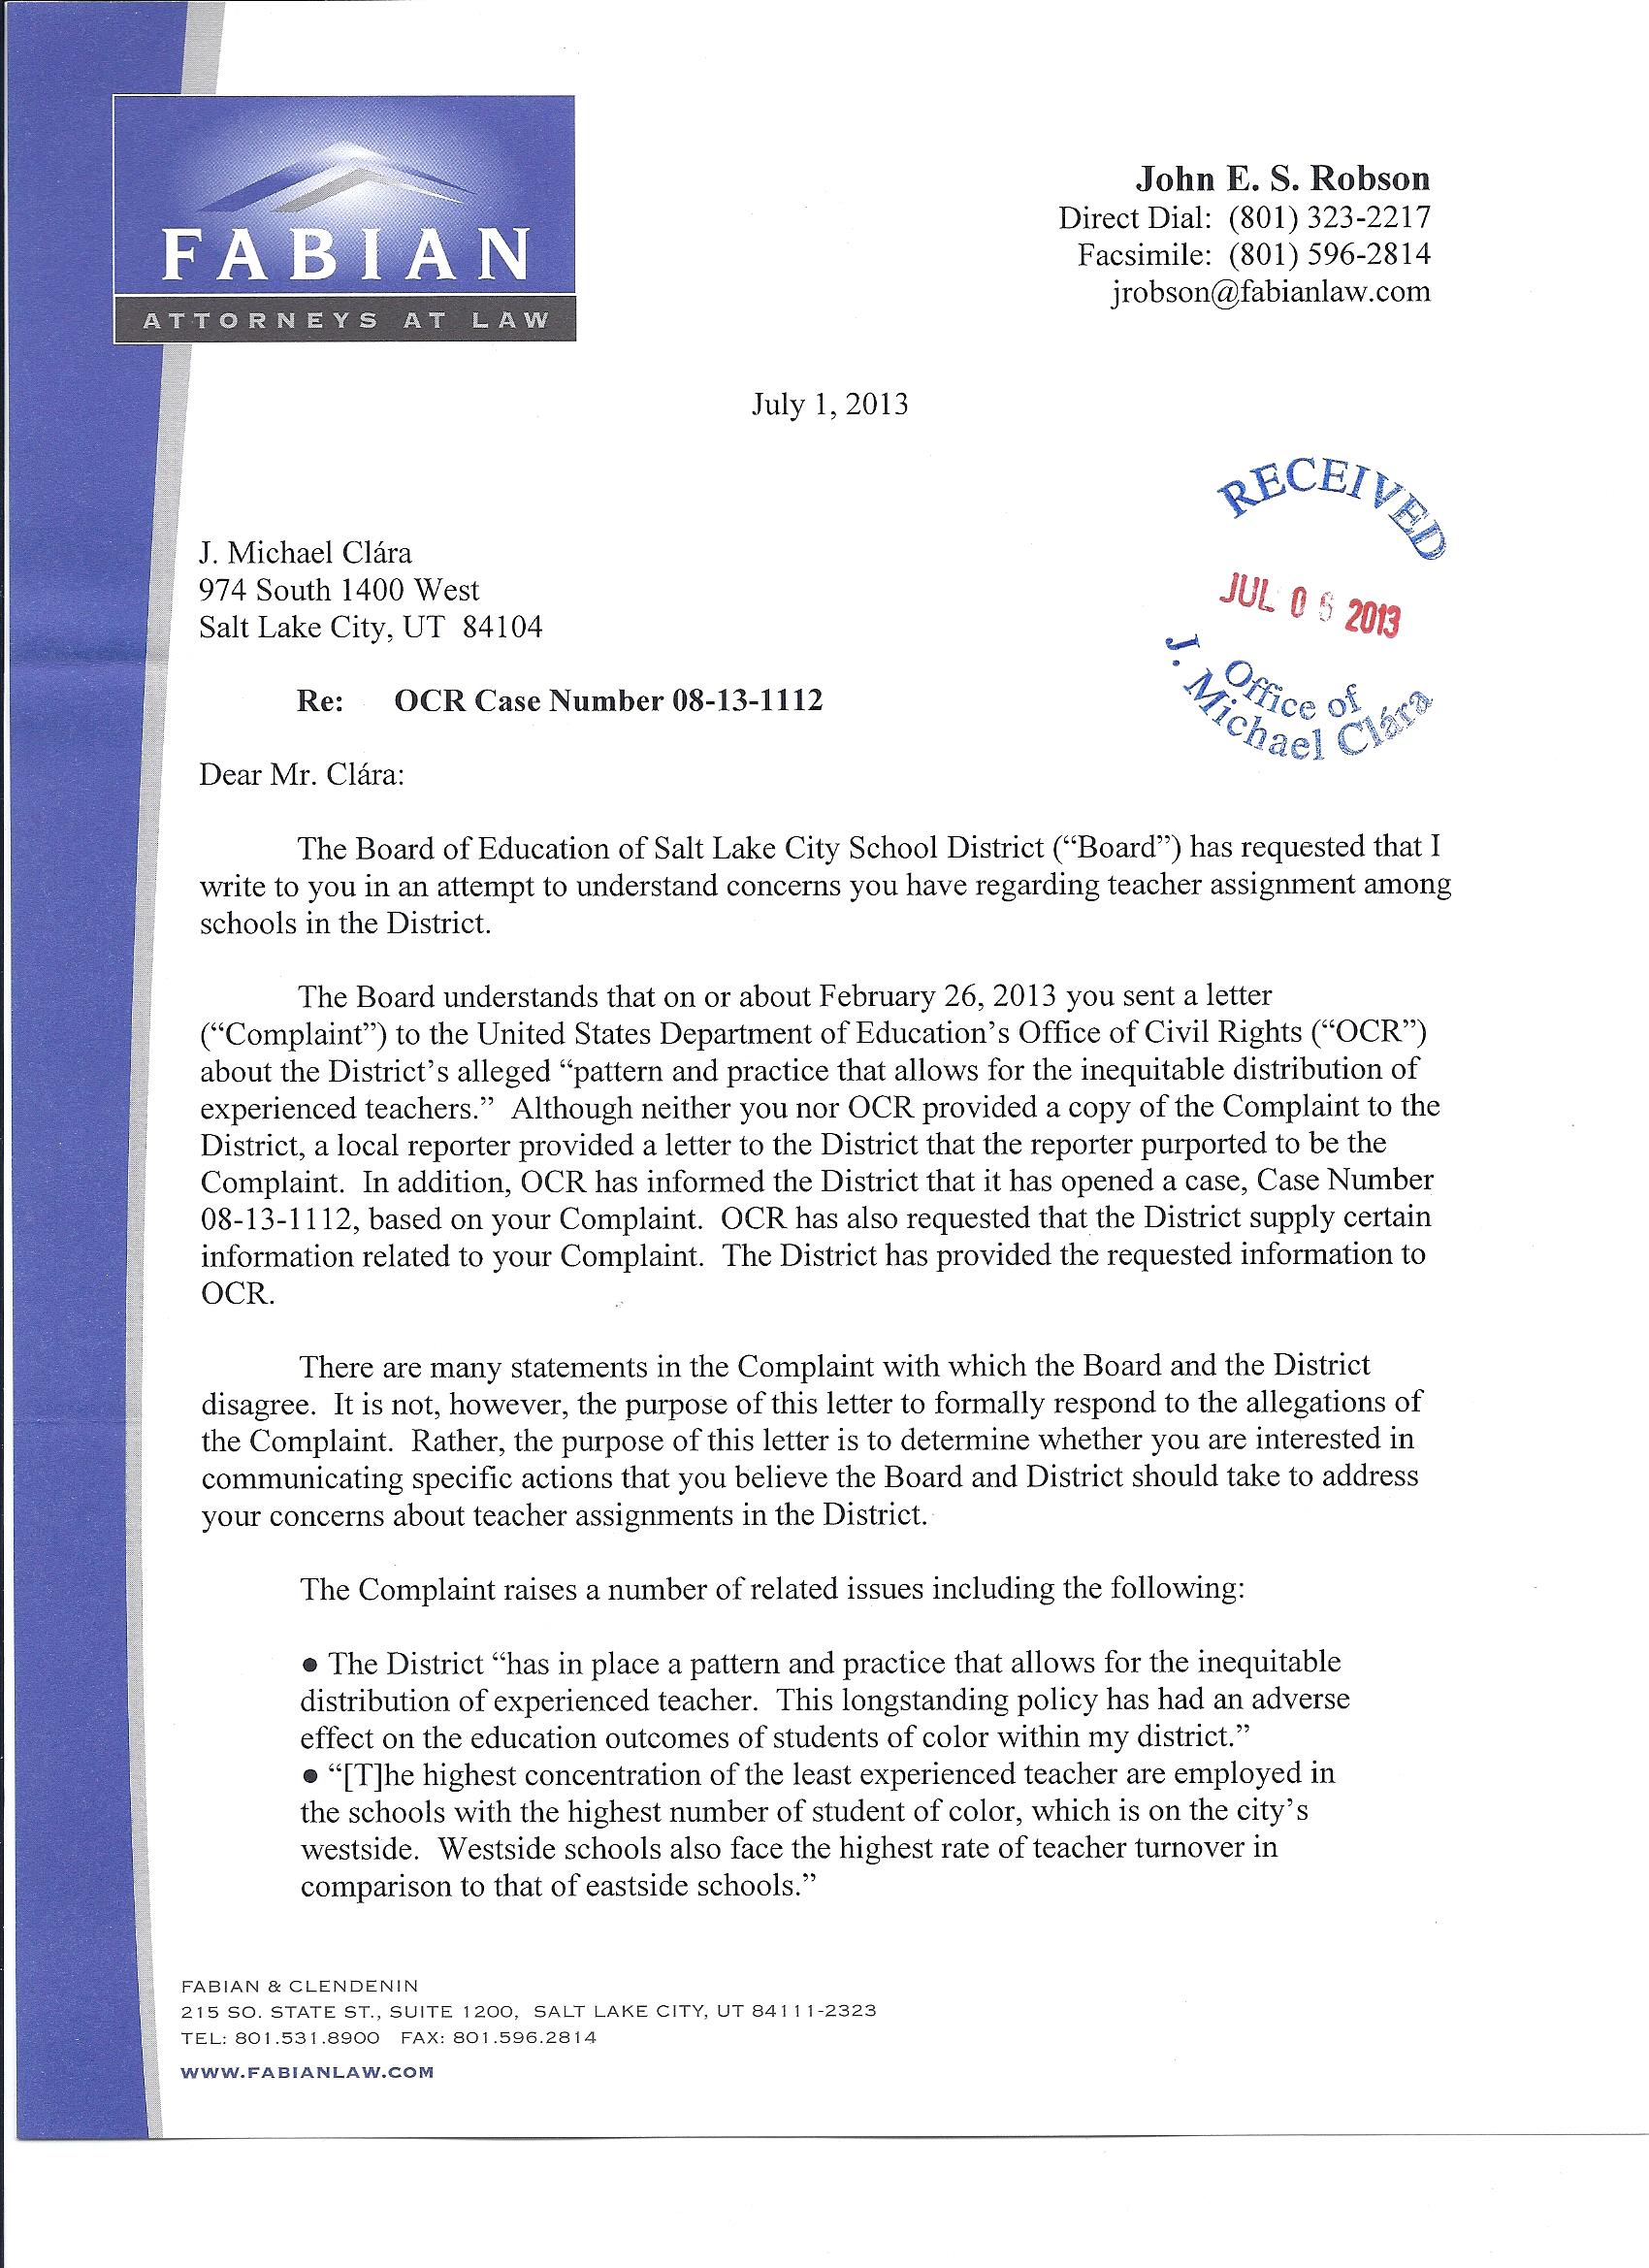 School Board Responds Via Attorney OCR Inquiry Letter Local